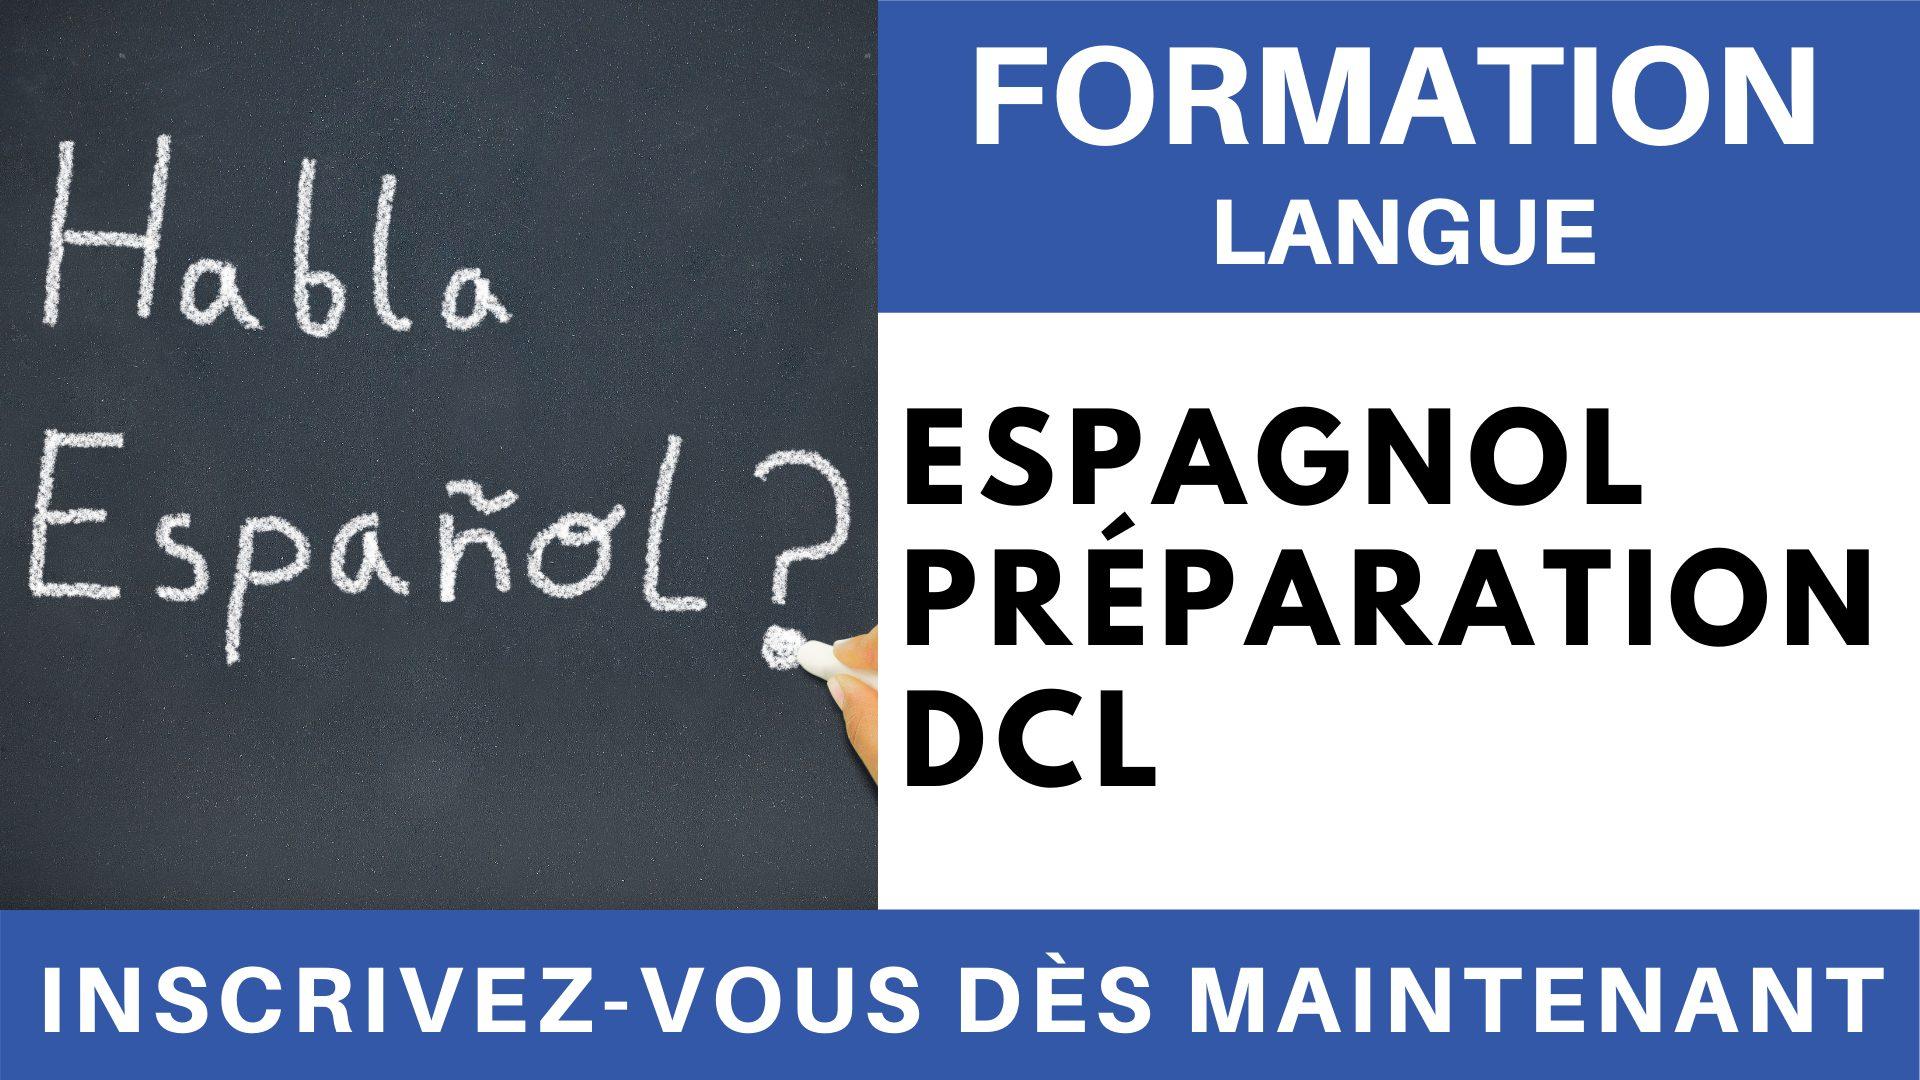 Formation Langue - Espagnol Préparation DCL